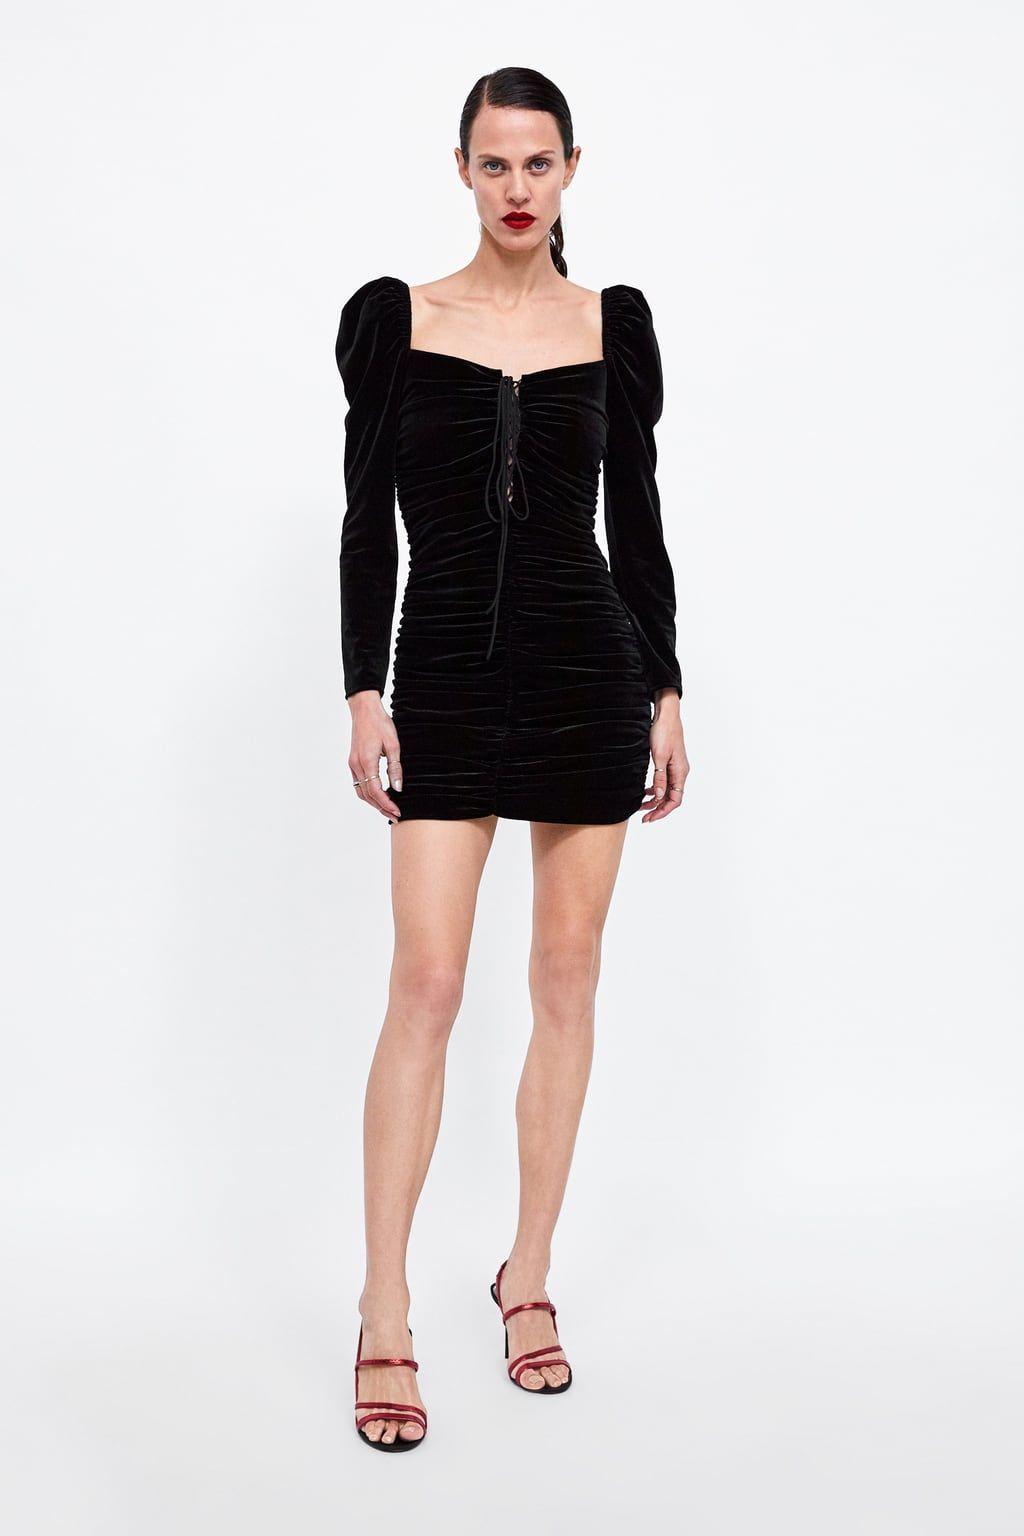 Vestiti 2019 Nel 1 Vestito Di ZaraBeauty Immagine Velluto WCodxrBe